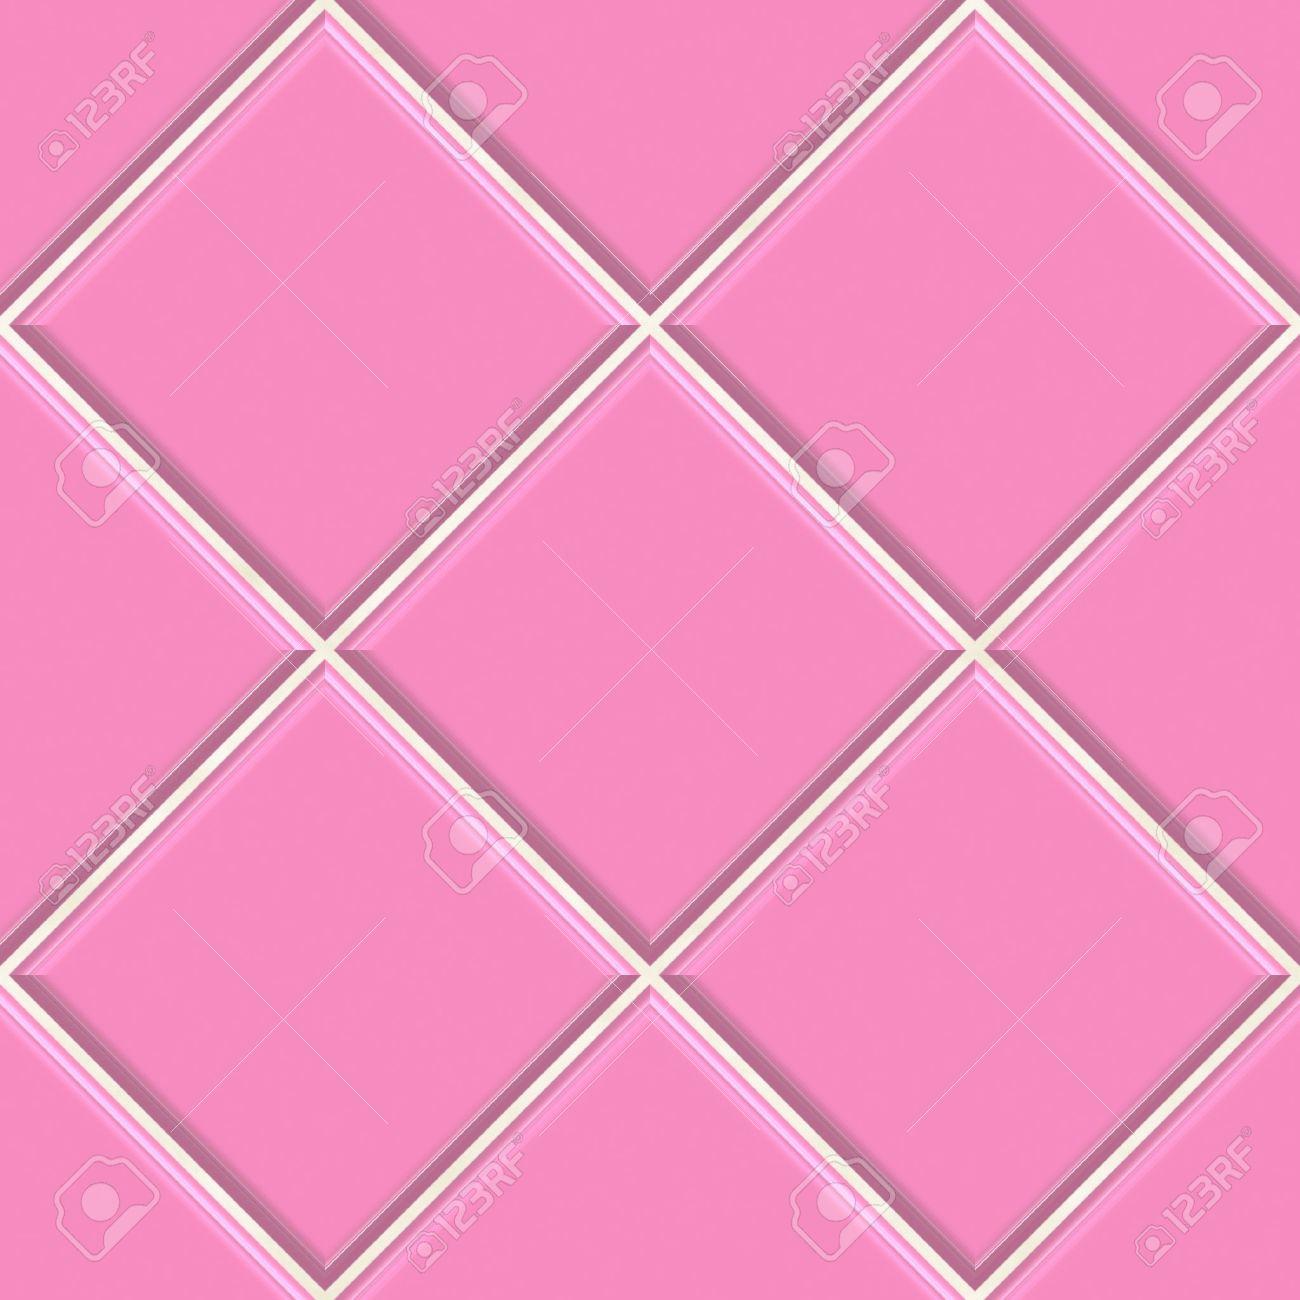 concepto de fondo la cocina o el bao de textura transparente azulejos rosa foto de - Azulejos Rosa